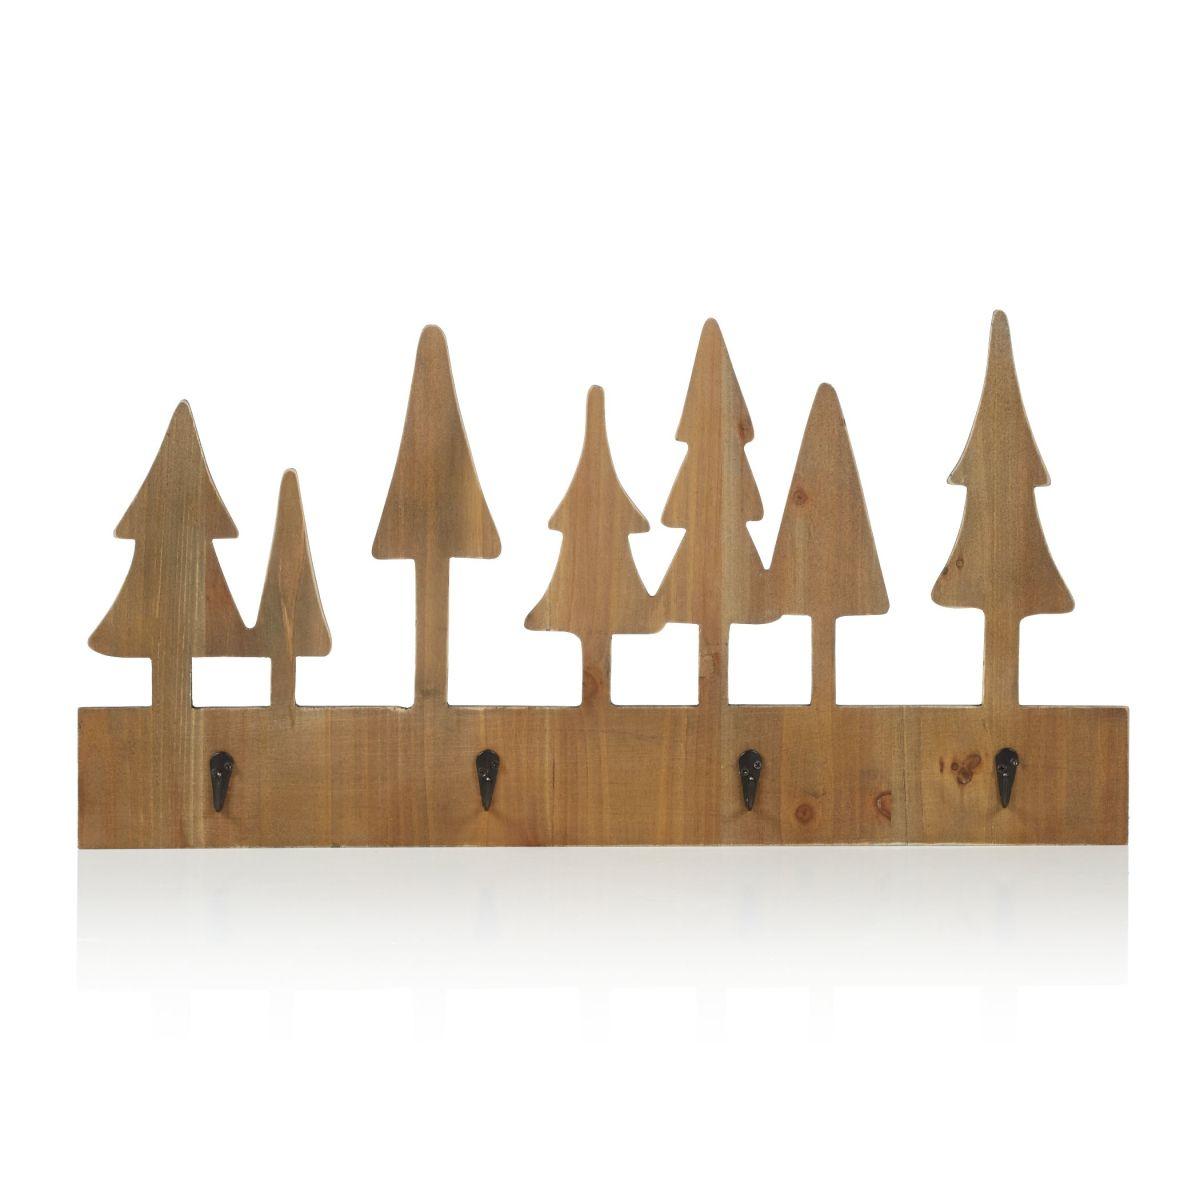 Hakenleiste, Tannenbäume, 4 Haken, Natur Look (Impressionen)